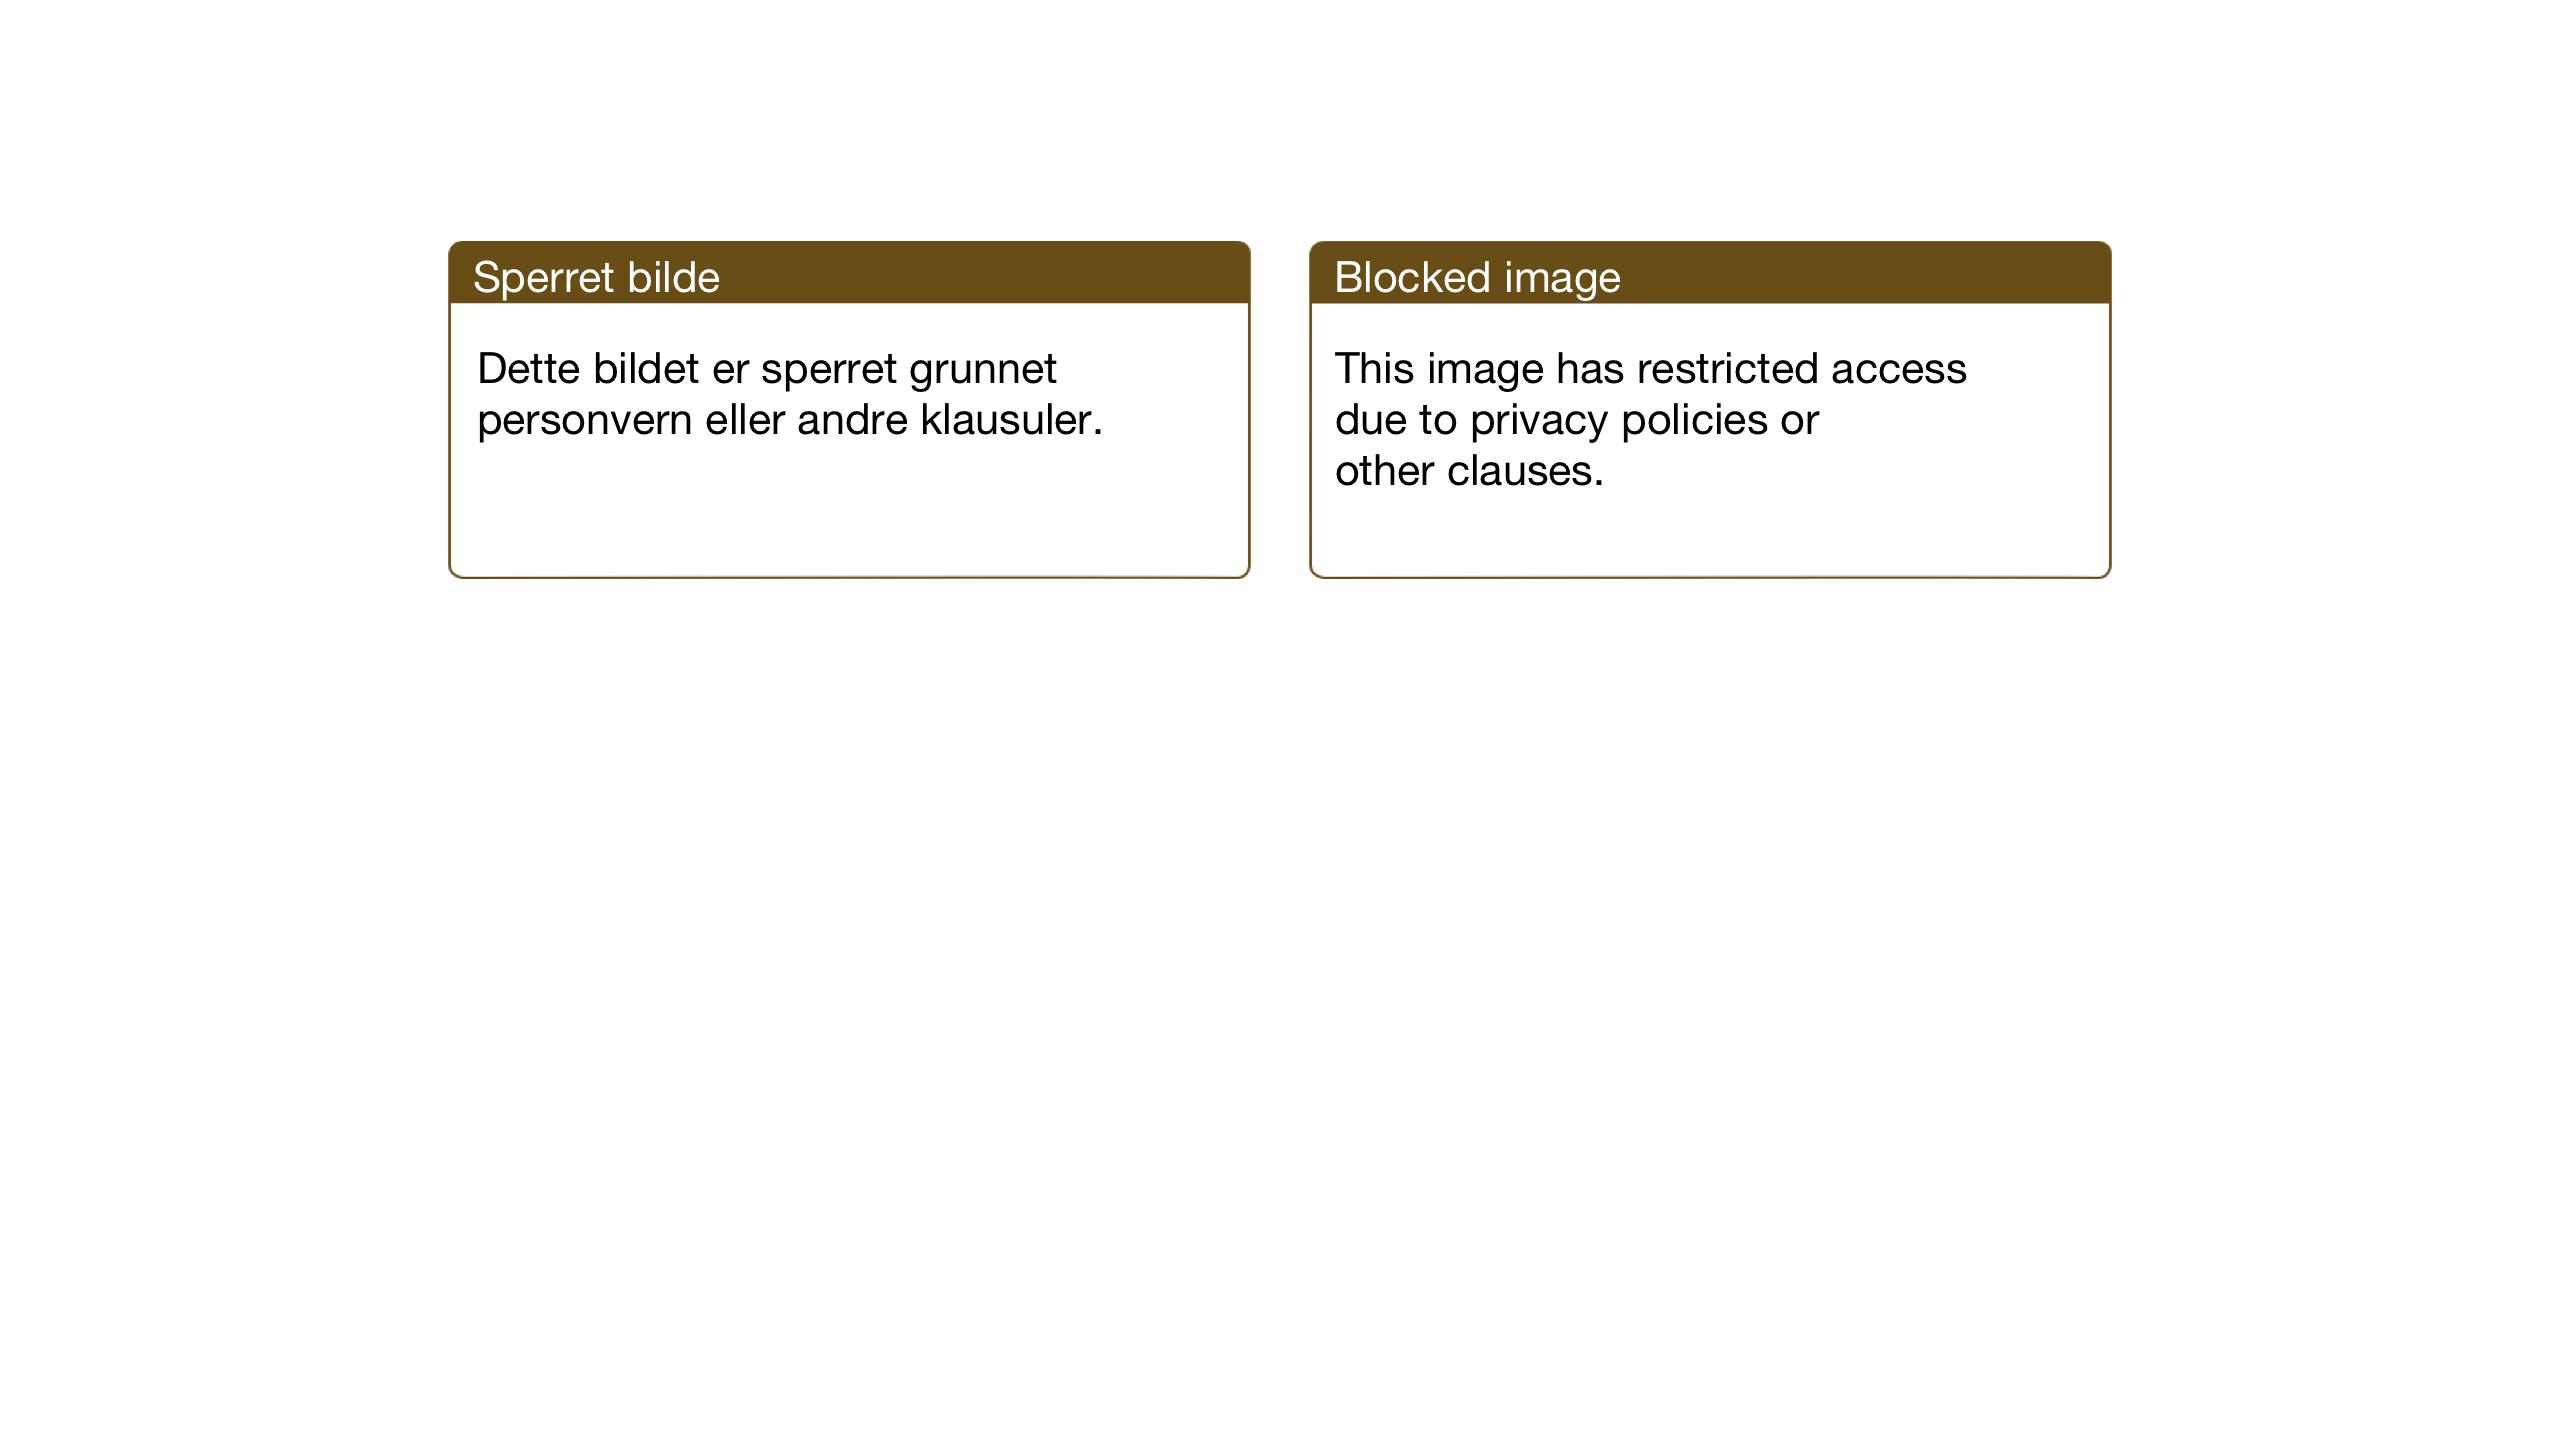 SAT, Ministerialprotokoller, klokkerbøker og fødselsregistre - Sør-Trøndelag, 686/L0986: Klokkerbok nr. 686C02, 1933-1950, s. 51